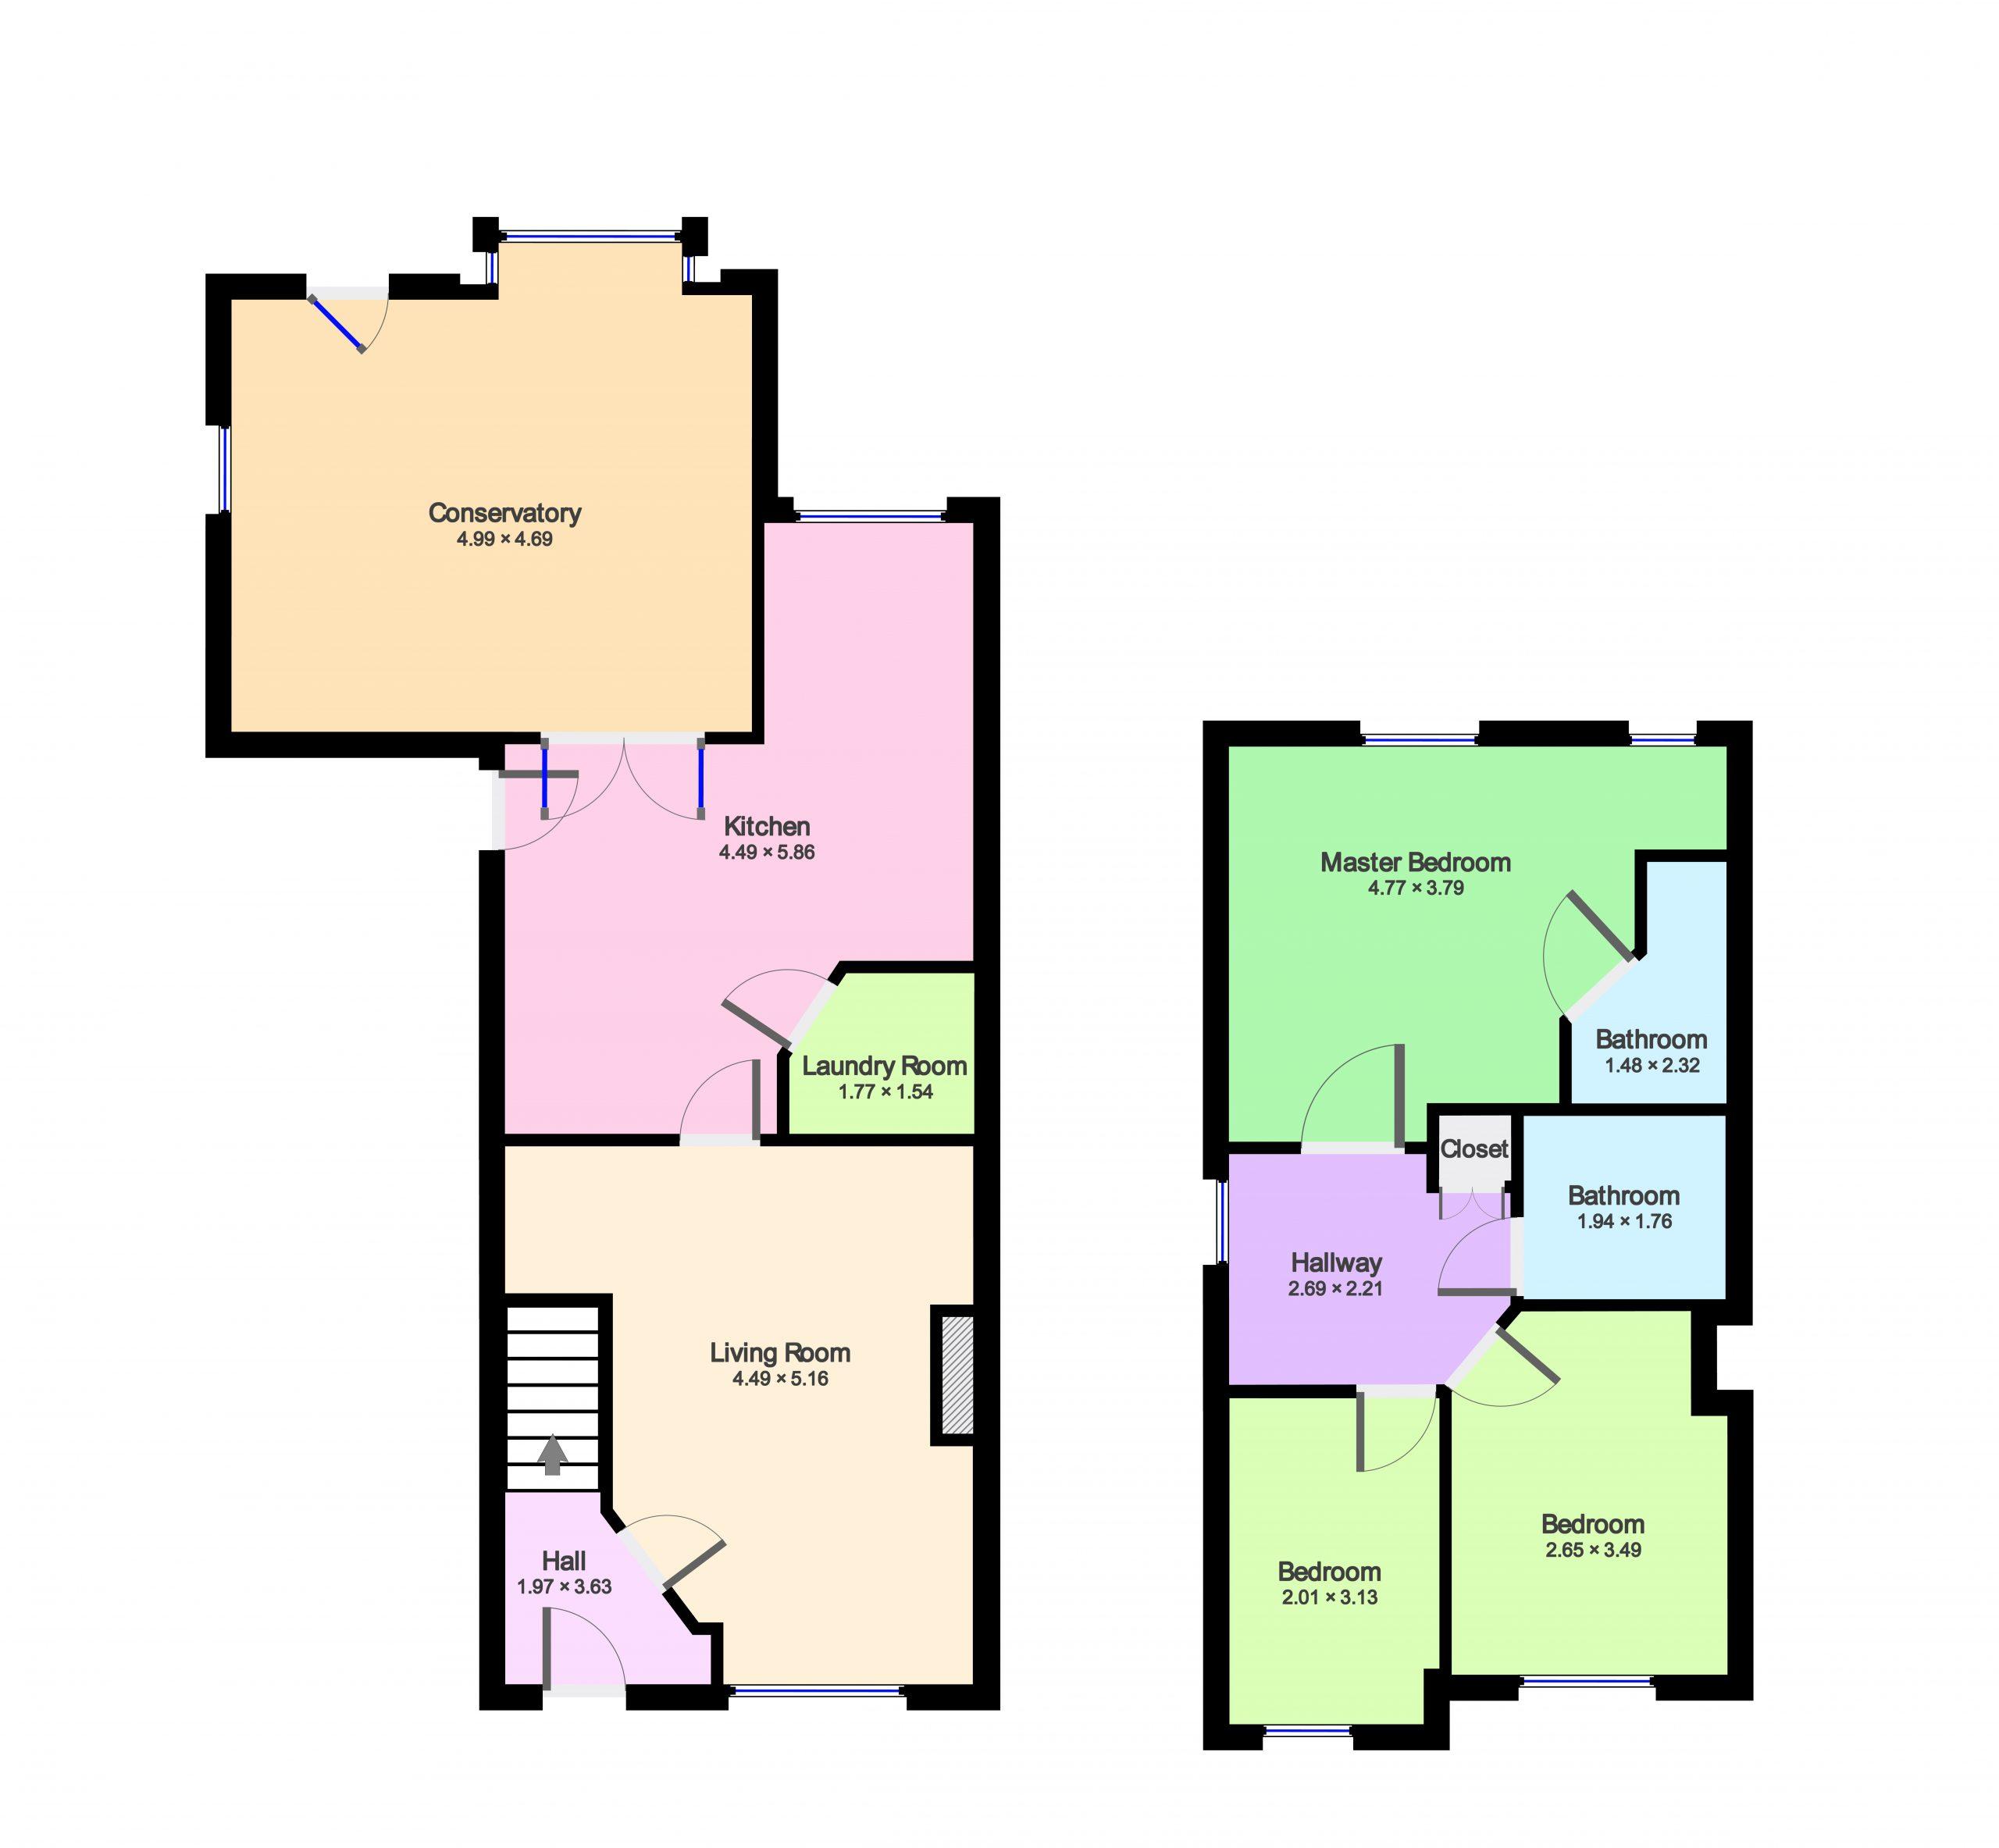 Floorplan Combined